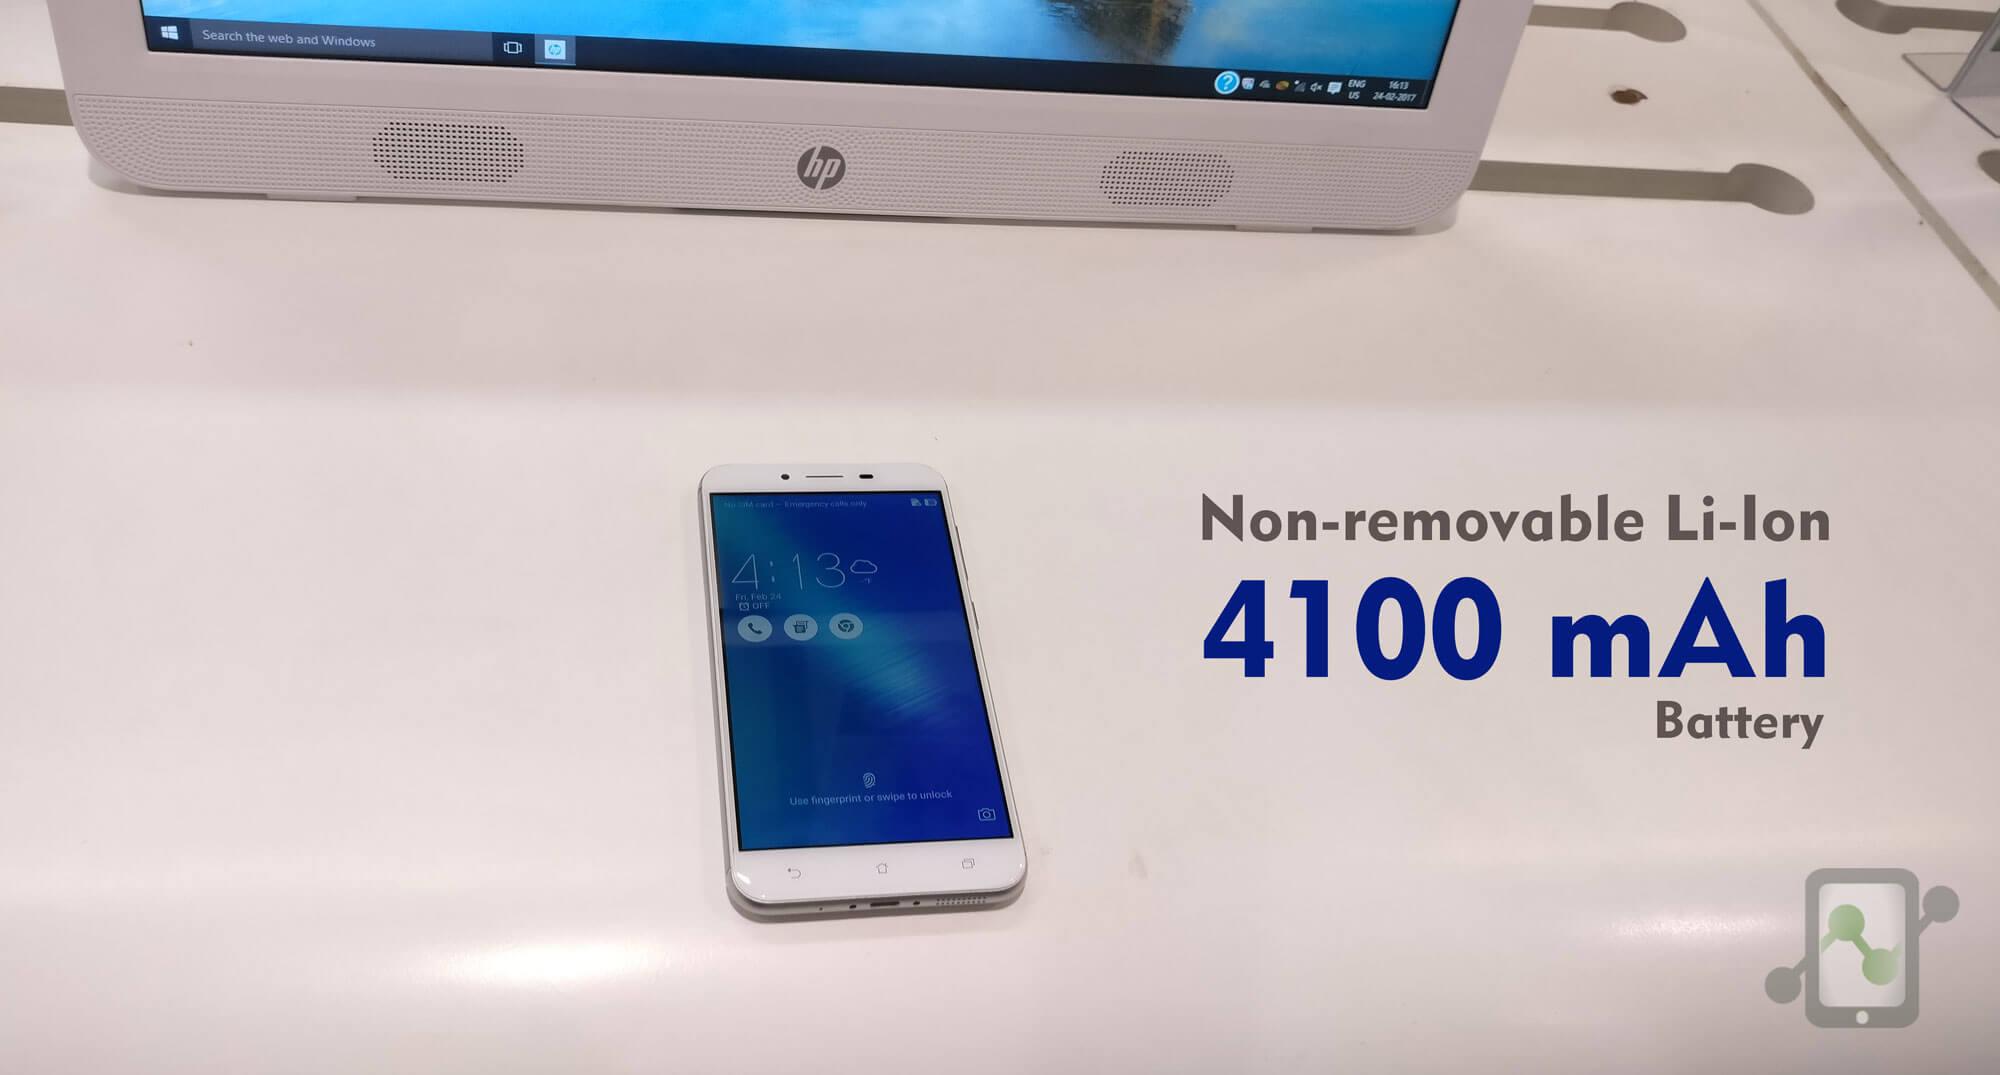 Asus Zenfone 3 Max 4100mAh battery